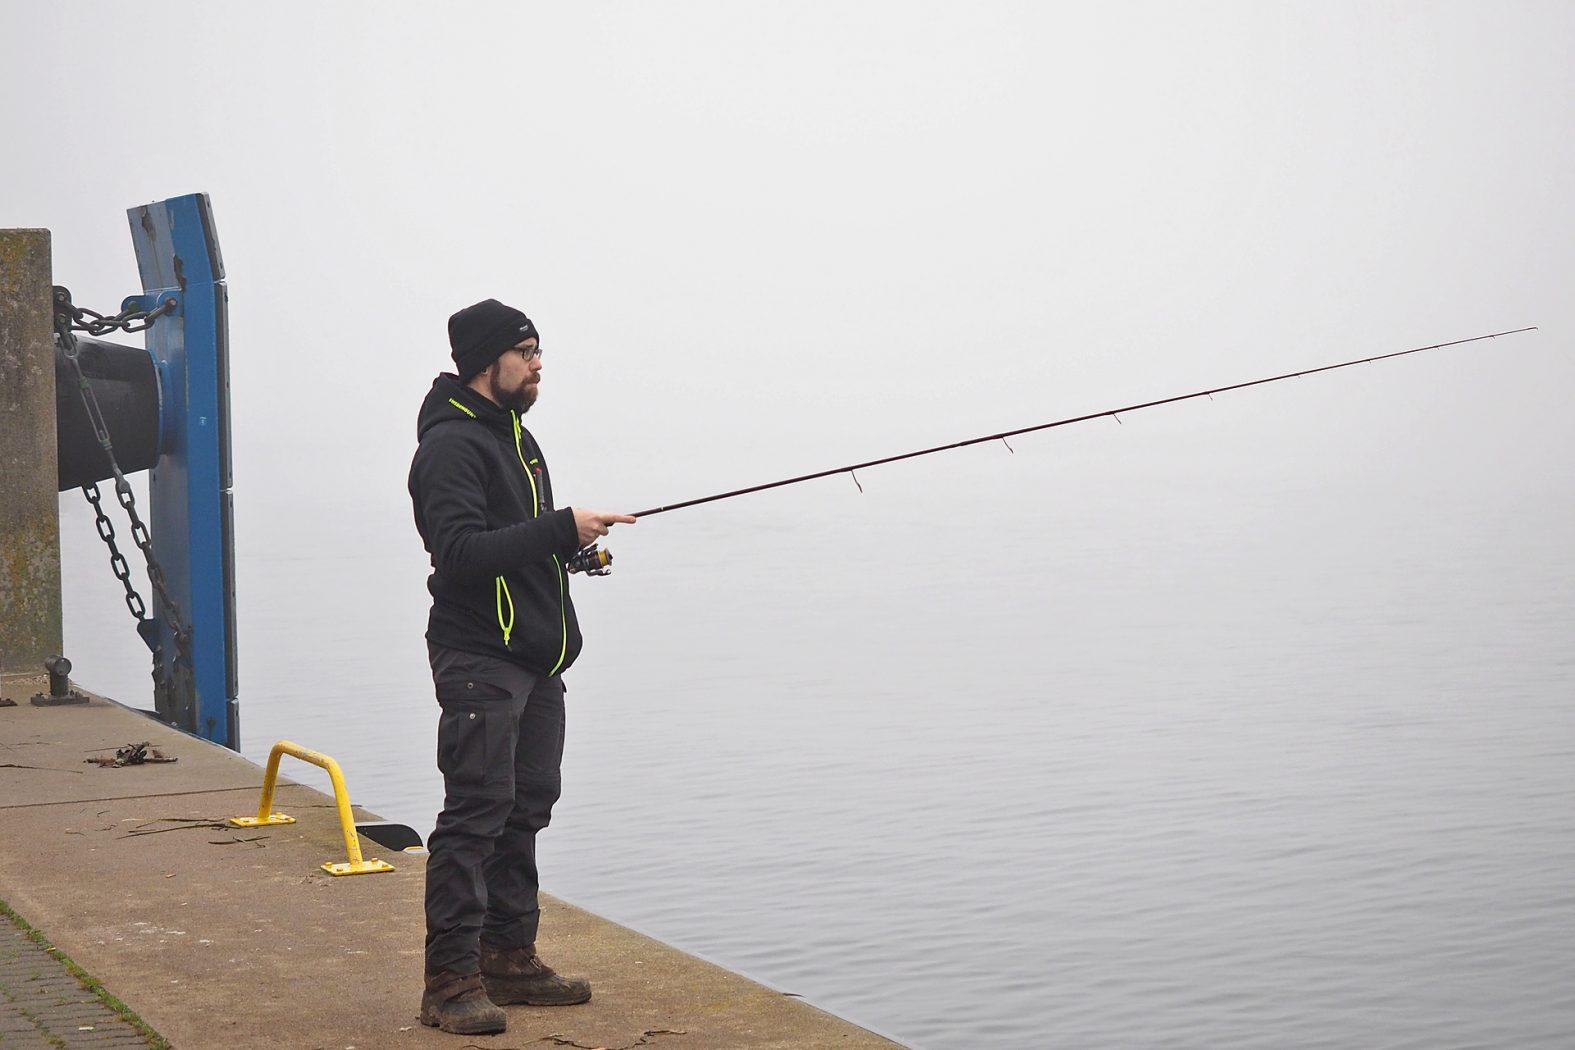 Dorsch angeln im Hafen von Kiel